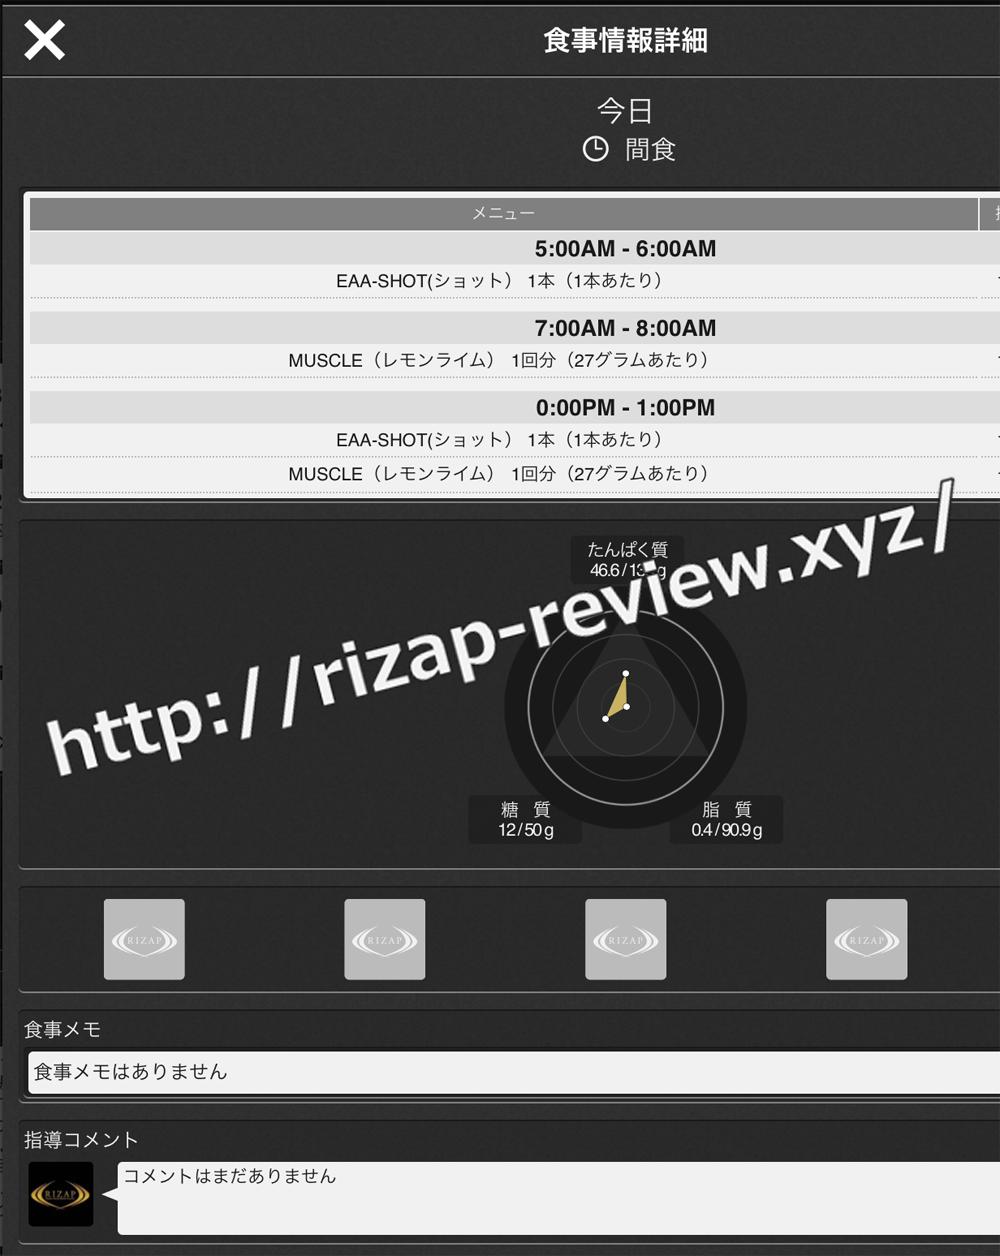 2018.8.31(金)ライザップ流の間食